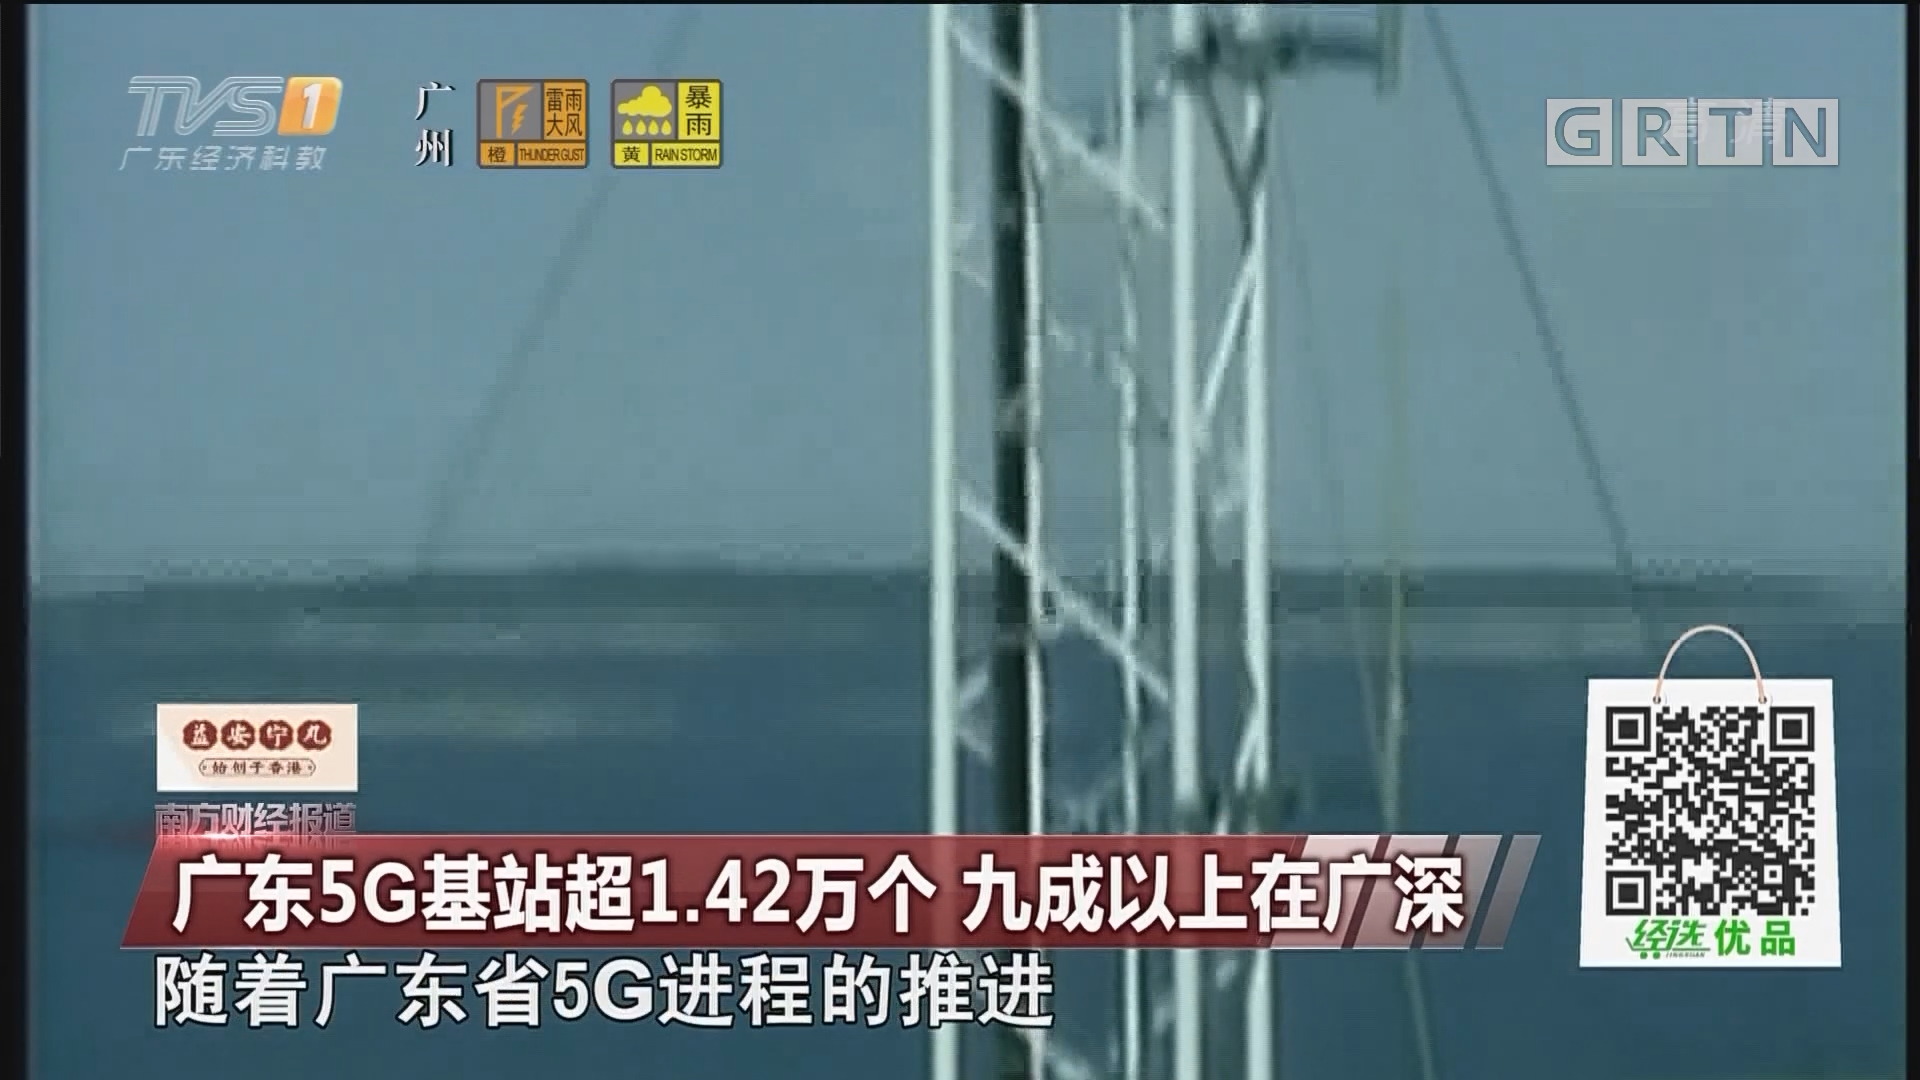 广东5G基站超1.42万个 九成以上在广深